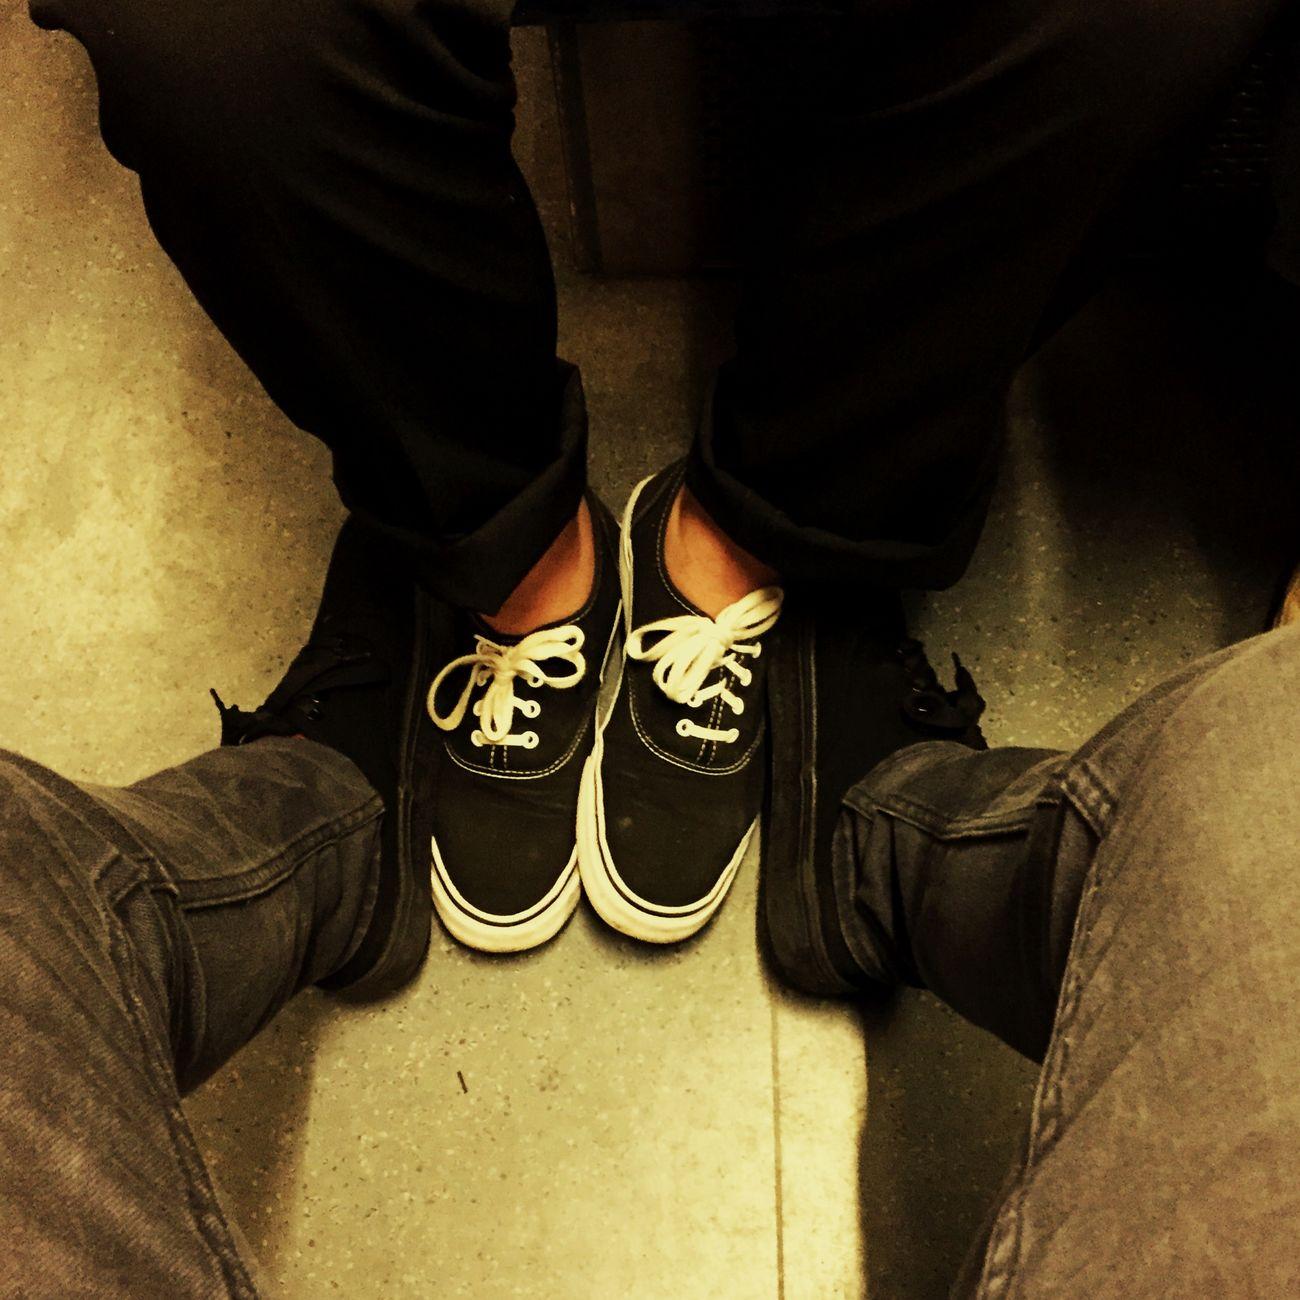 Train Sbahn Boyfriend Shoes